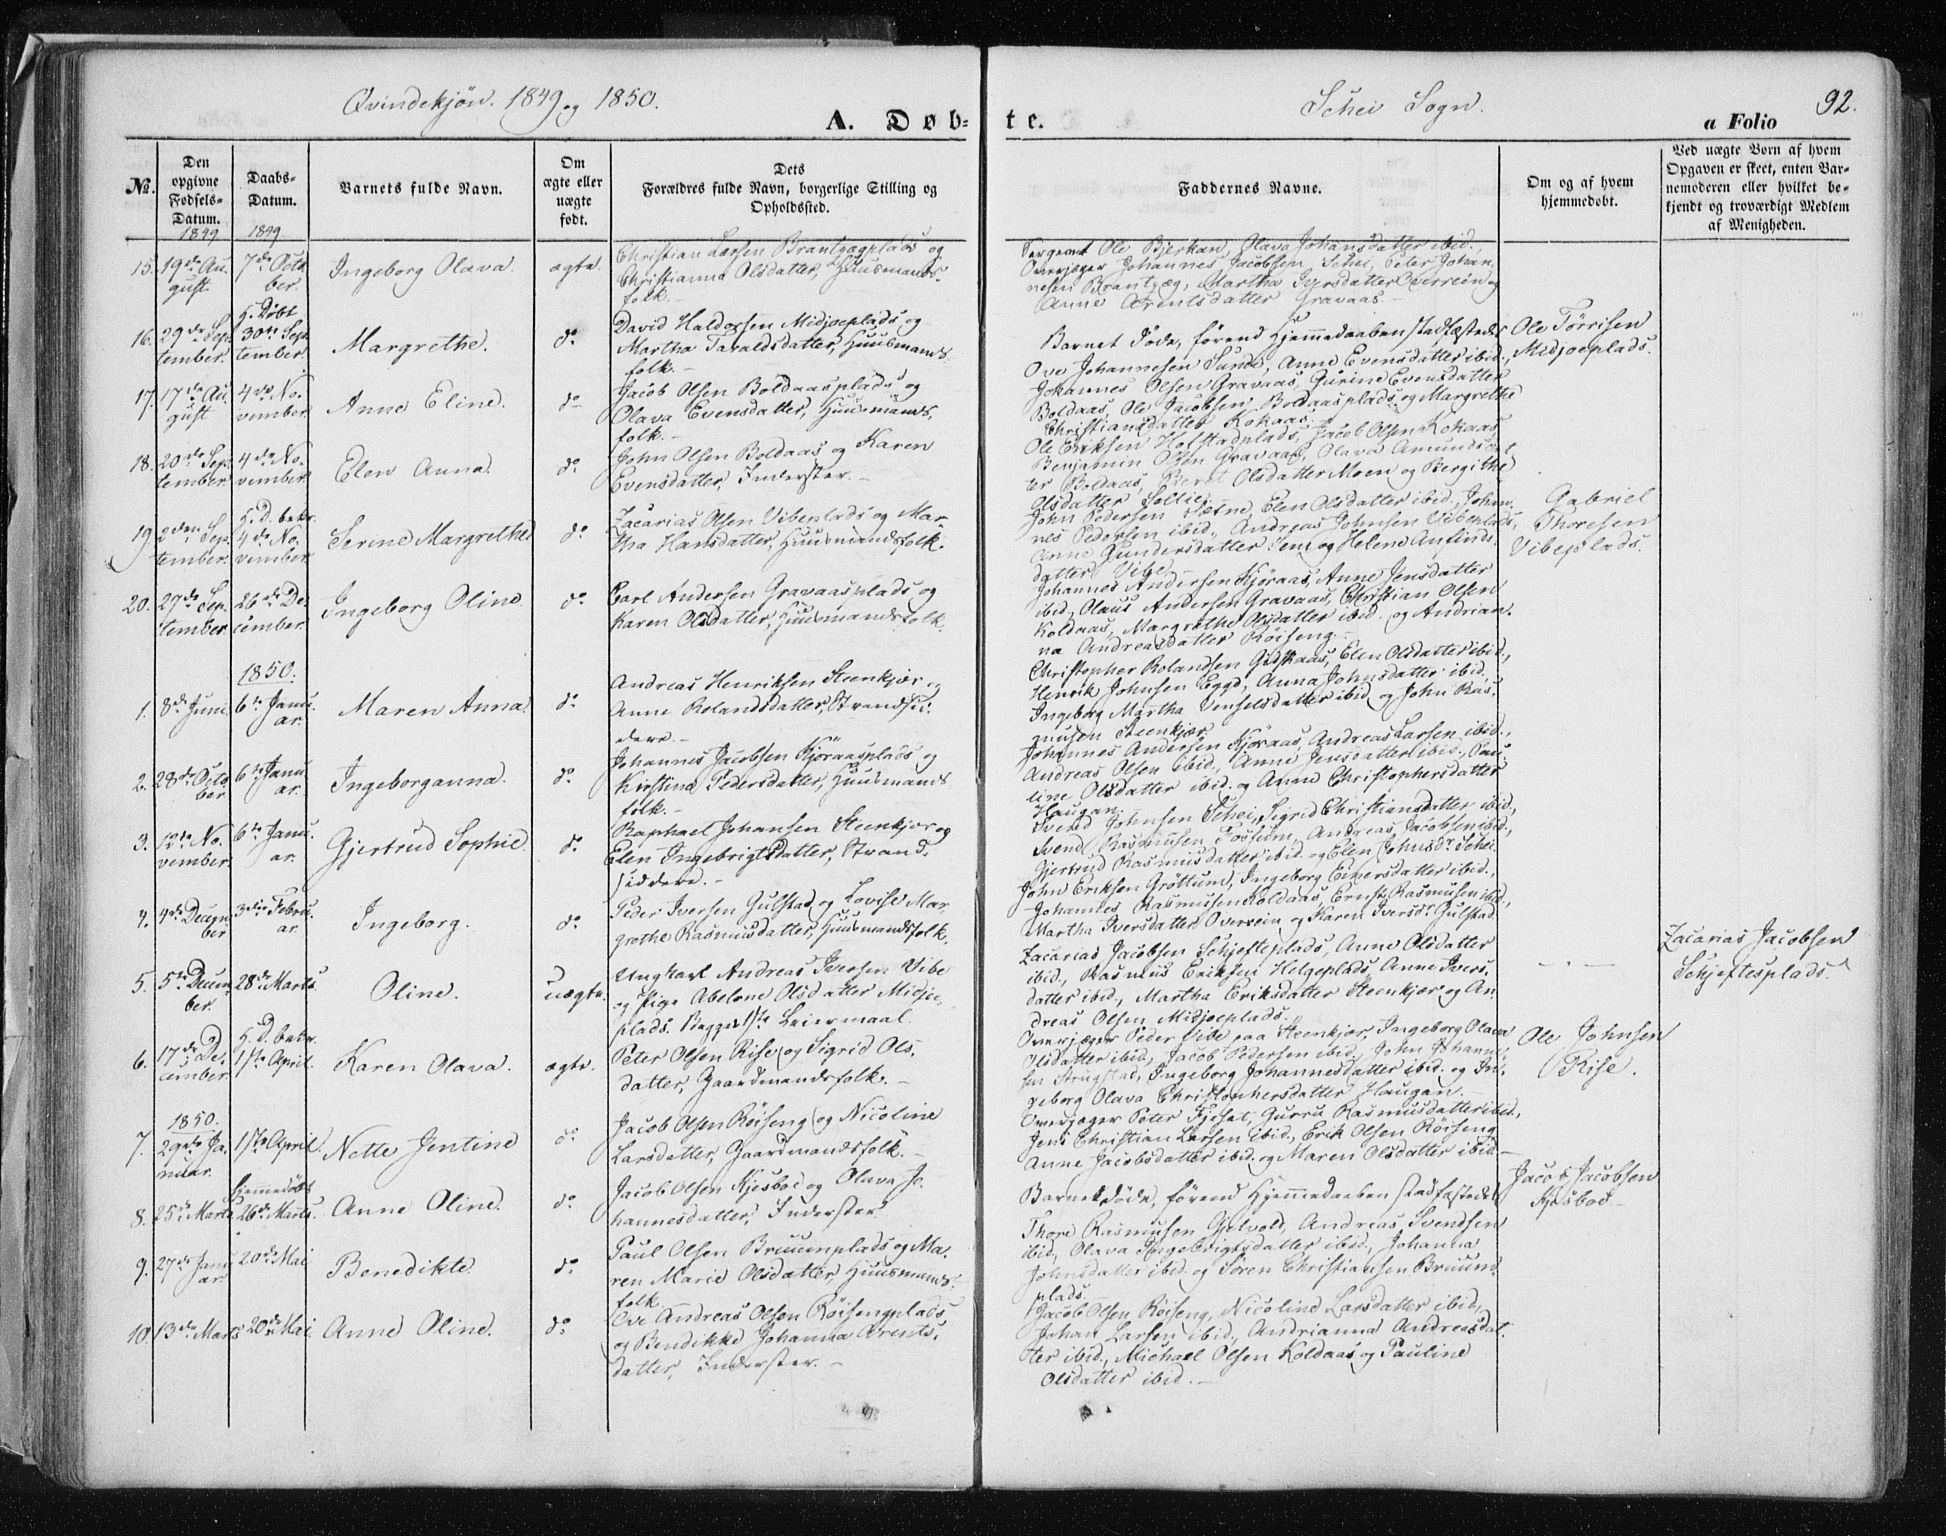 SAT, Ministerialprotokoller, klokkerbøker og fødselsregistre - Nord-Trøndelag, 735/L0342: Ministerialbok nr. 735A07 /2, 1849-1862, s. 92